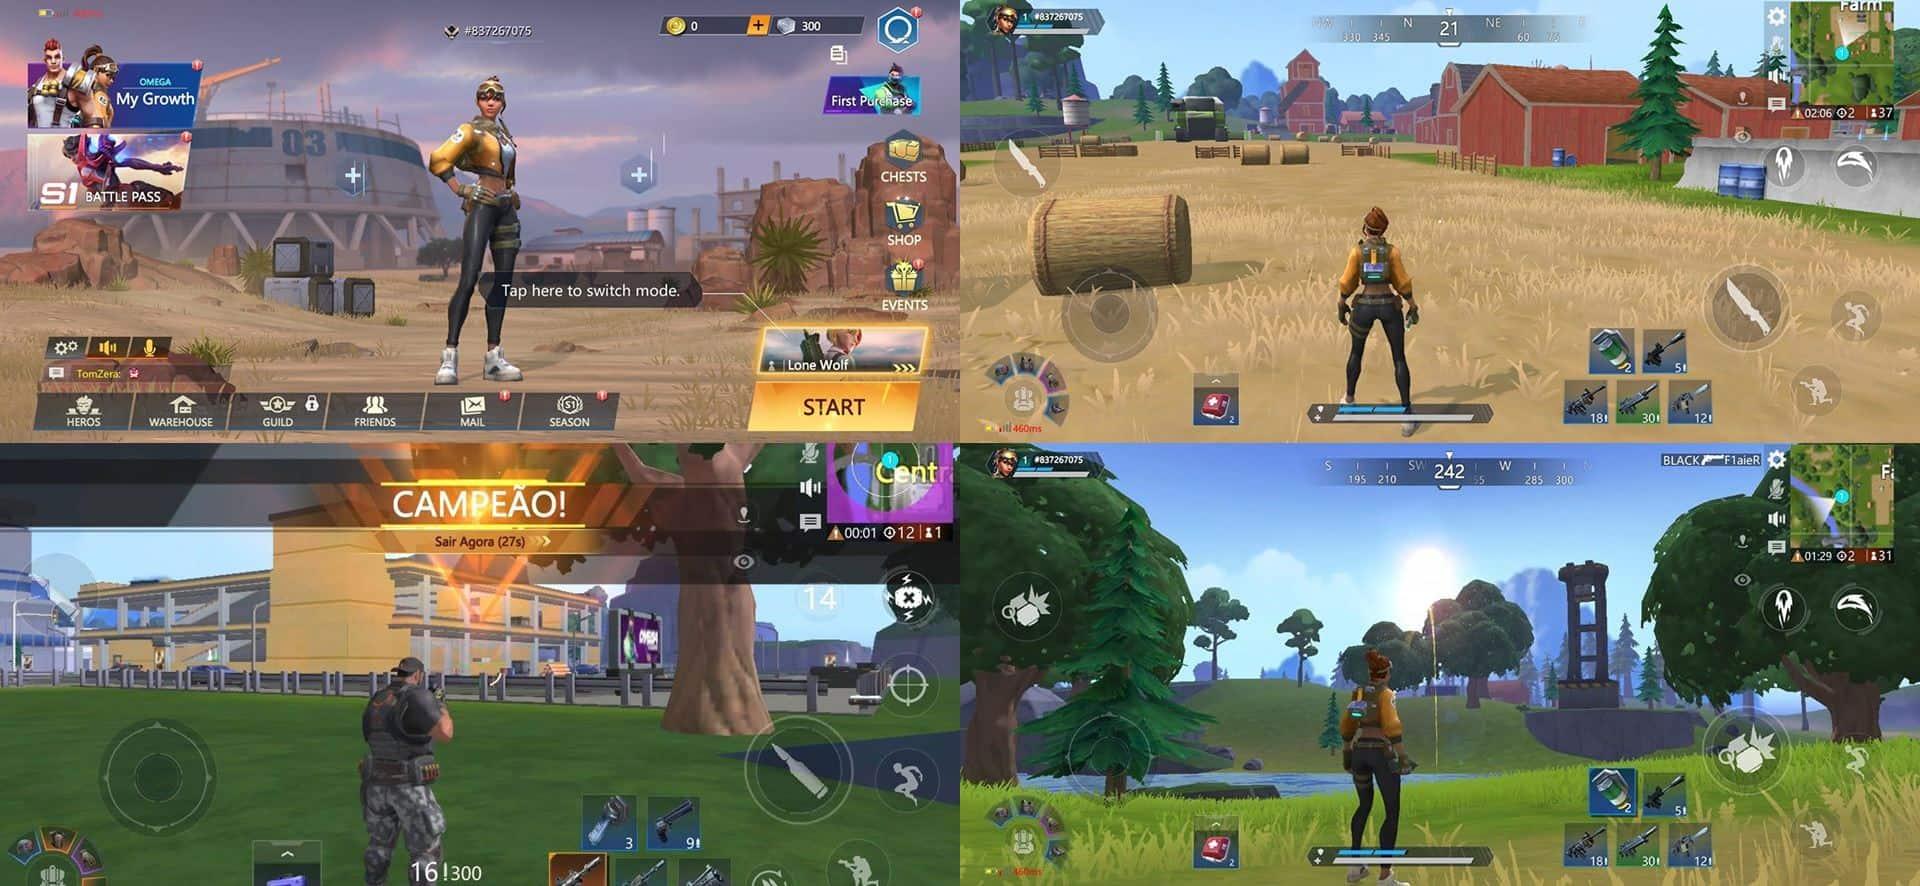 omega-legends-montagem Novos Jogos para Android e iOS (01-06-2020)